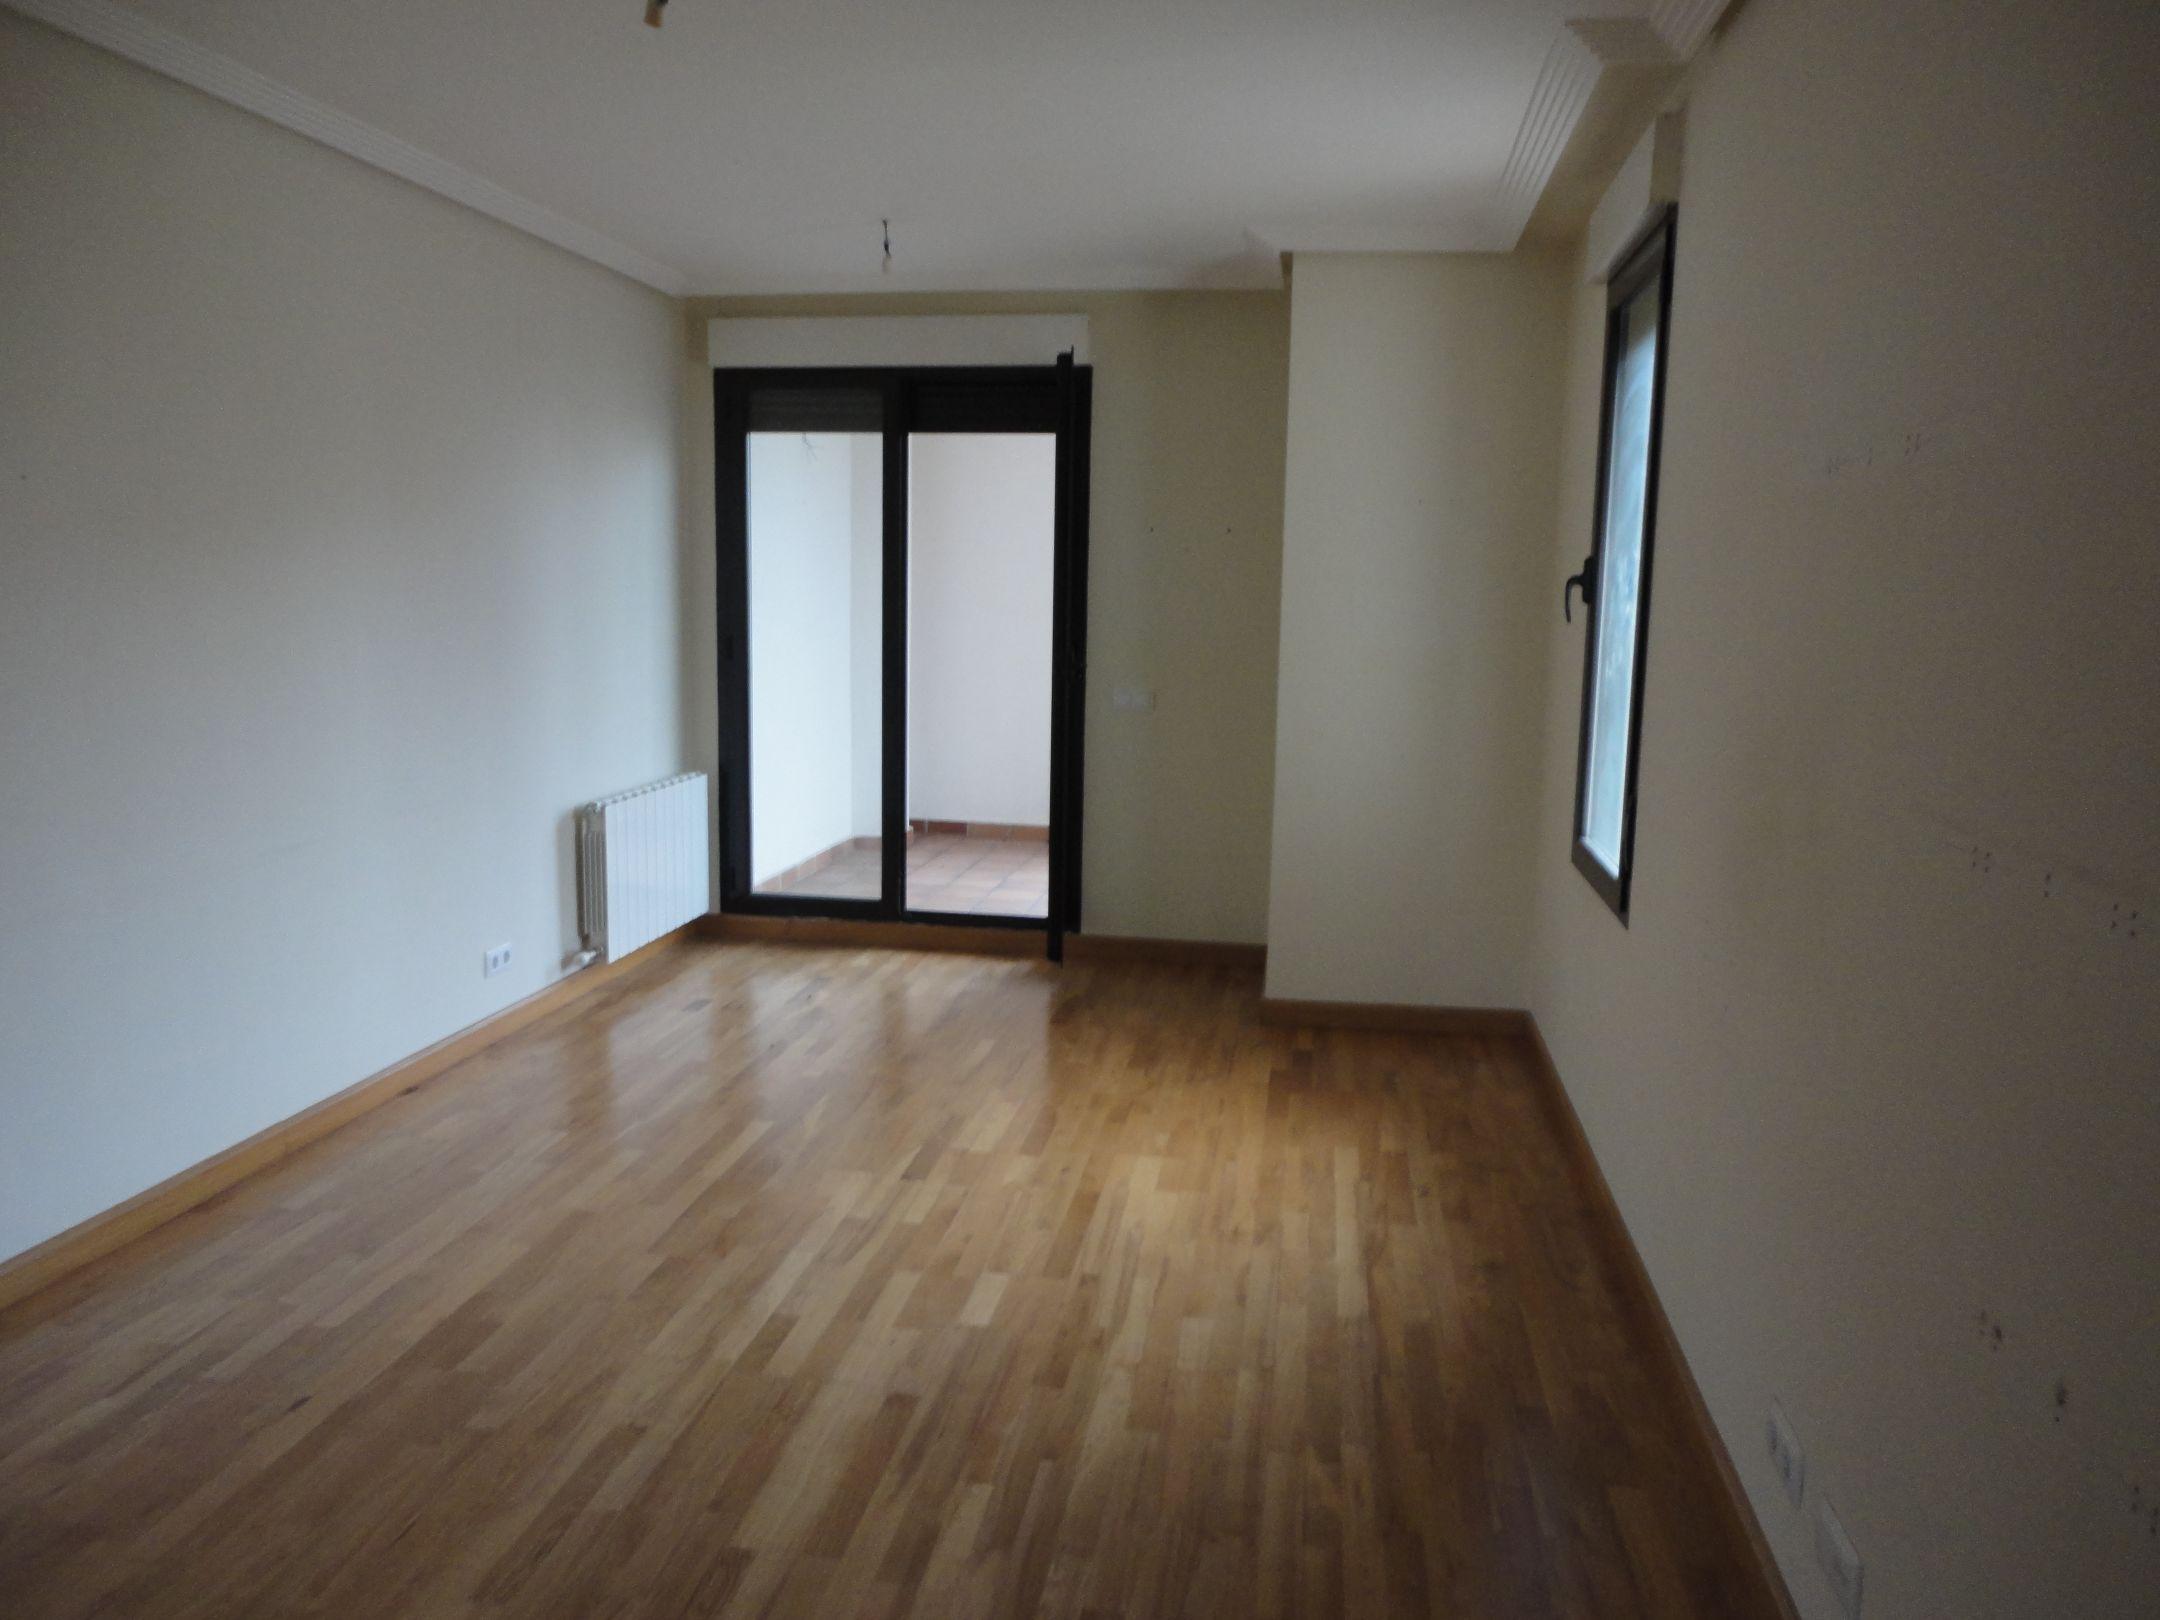 Apartamento en Carbajosa de la Sagrada (22763-0002) - foto1